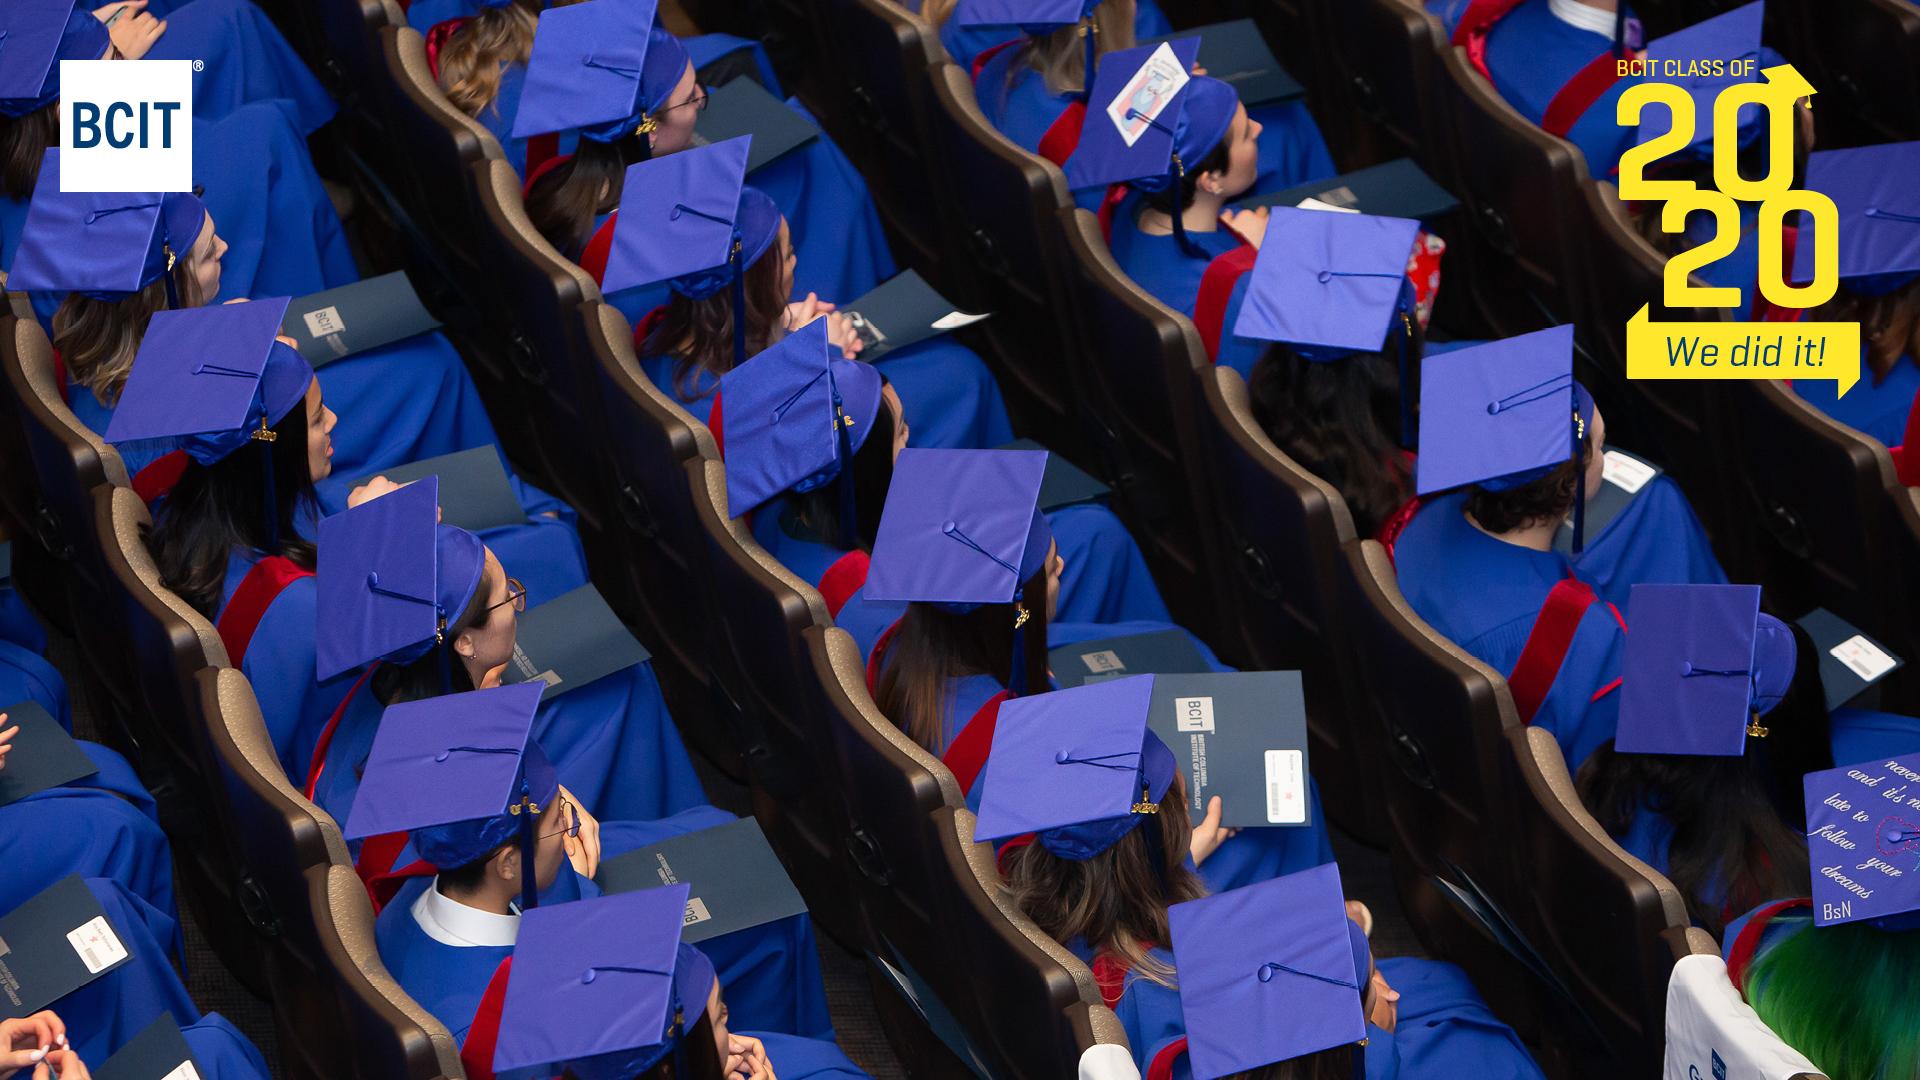 BCIT Graduation Celebration Video